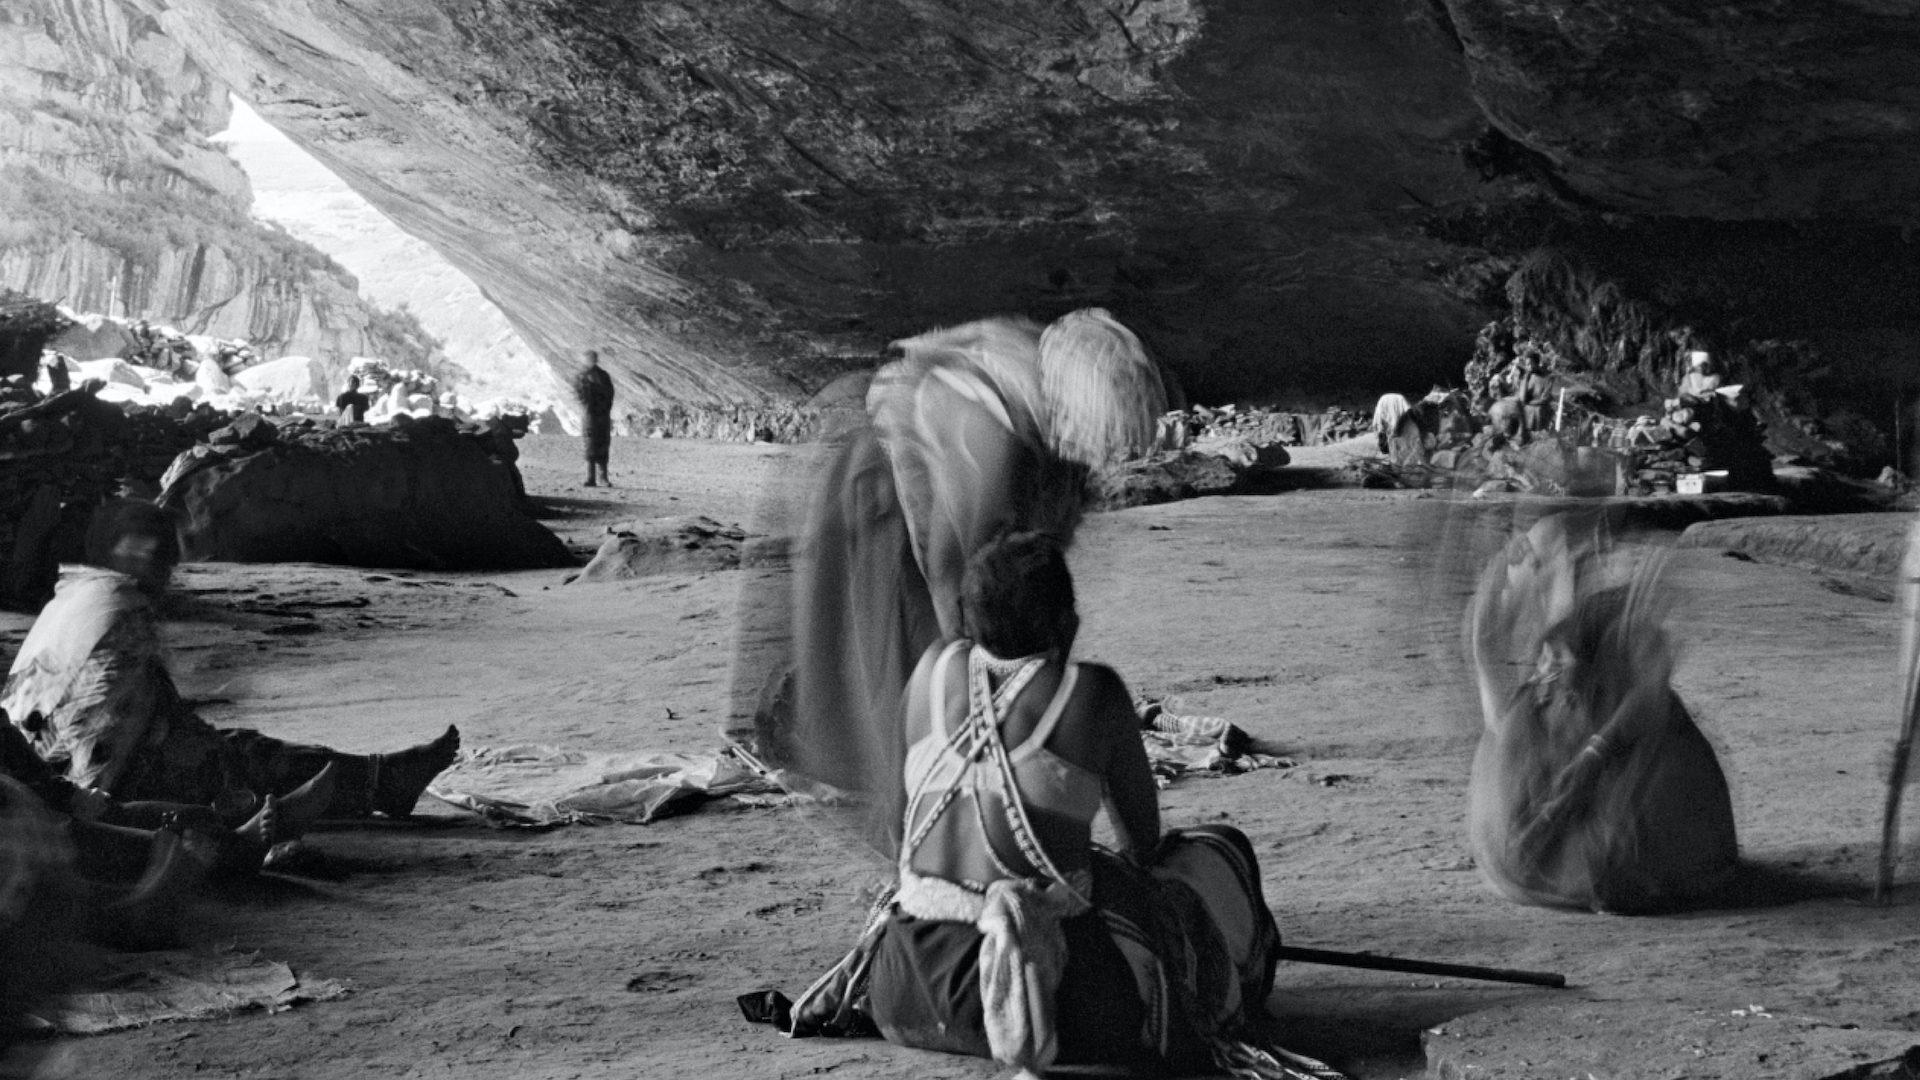 SM 1004 Mofokeng Caves